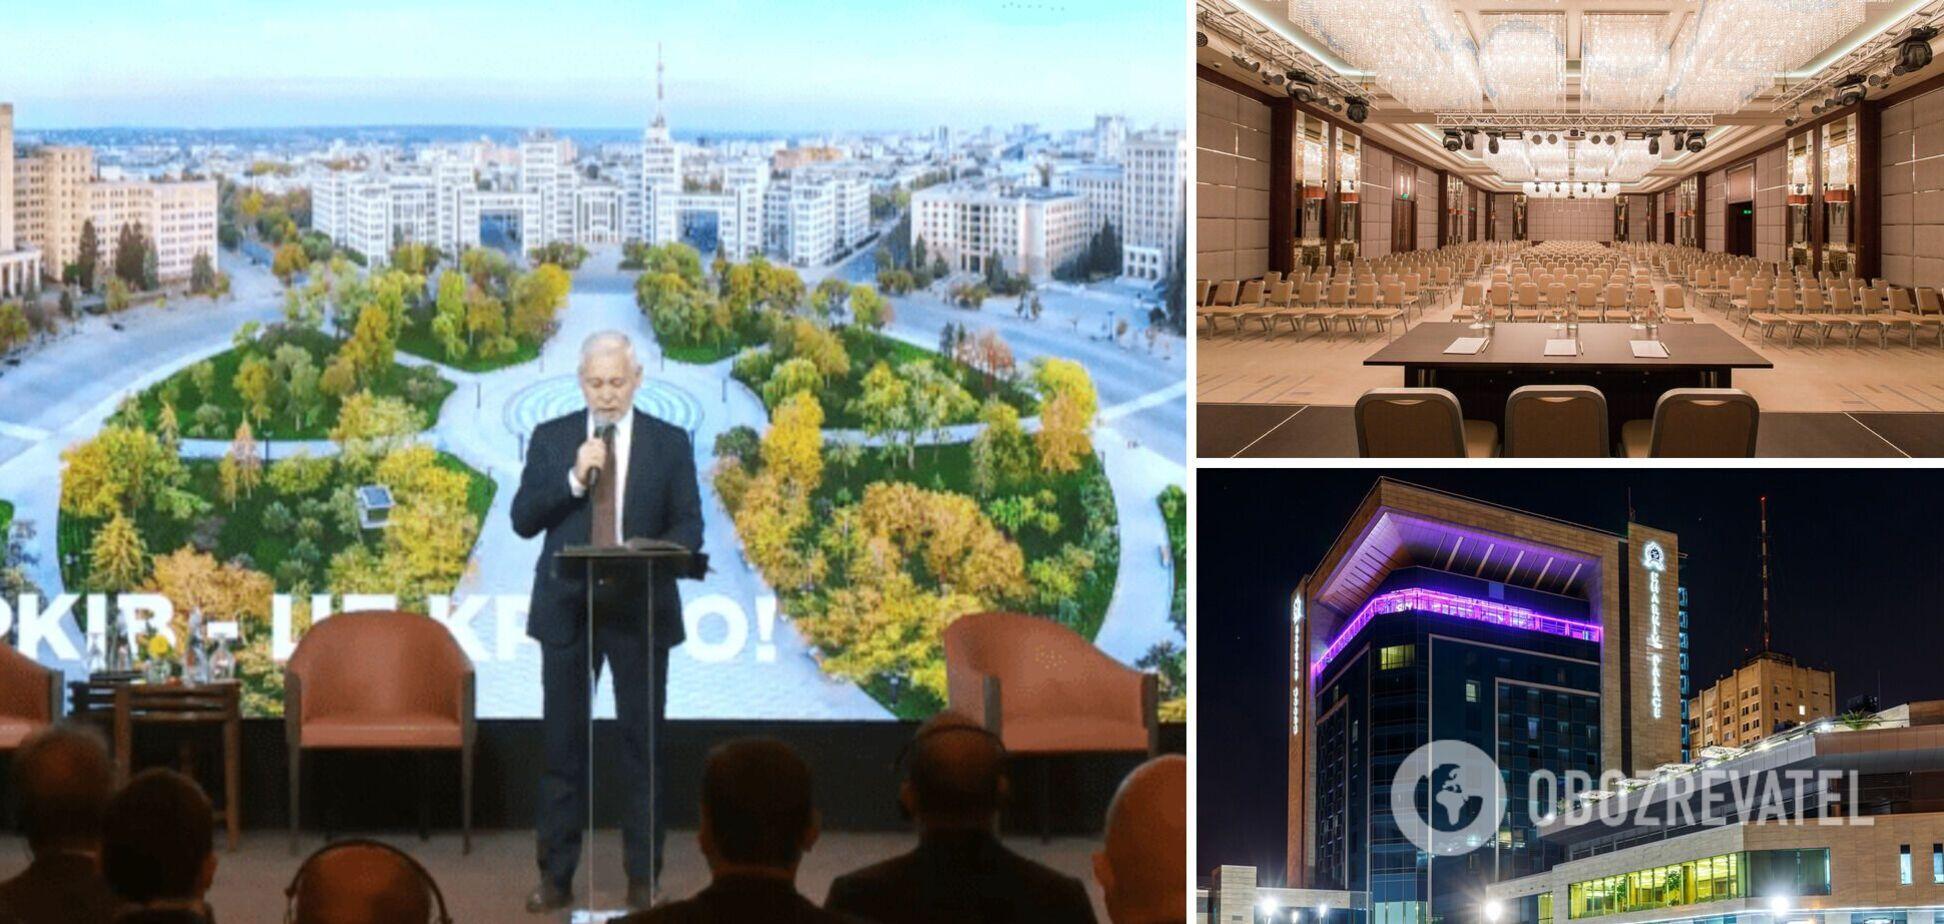 У 'Kharkiv Palace' відбулася міжнародна конференція 'Харків: розвиток та інвестиції'